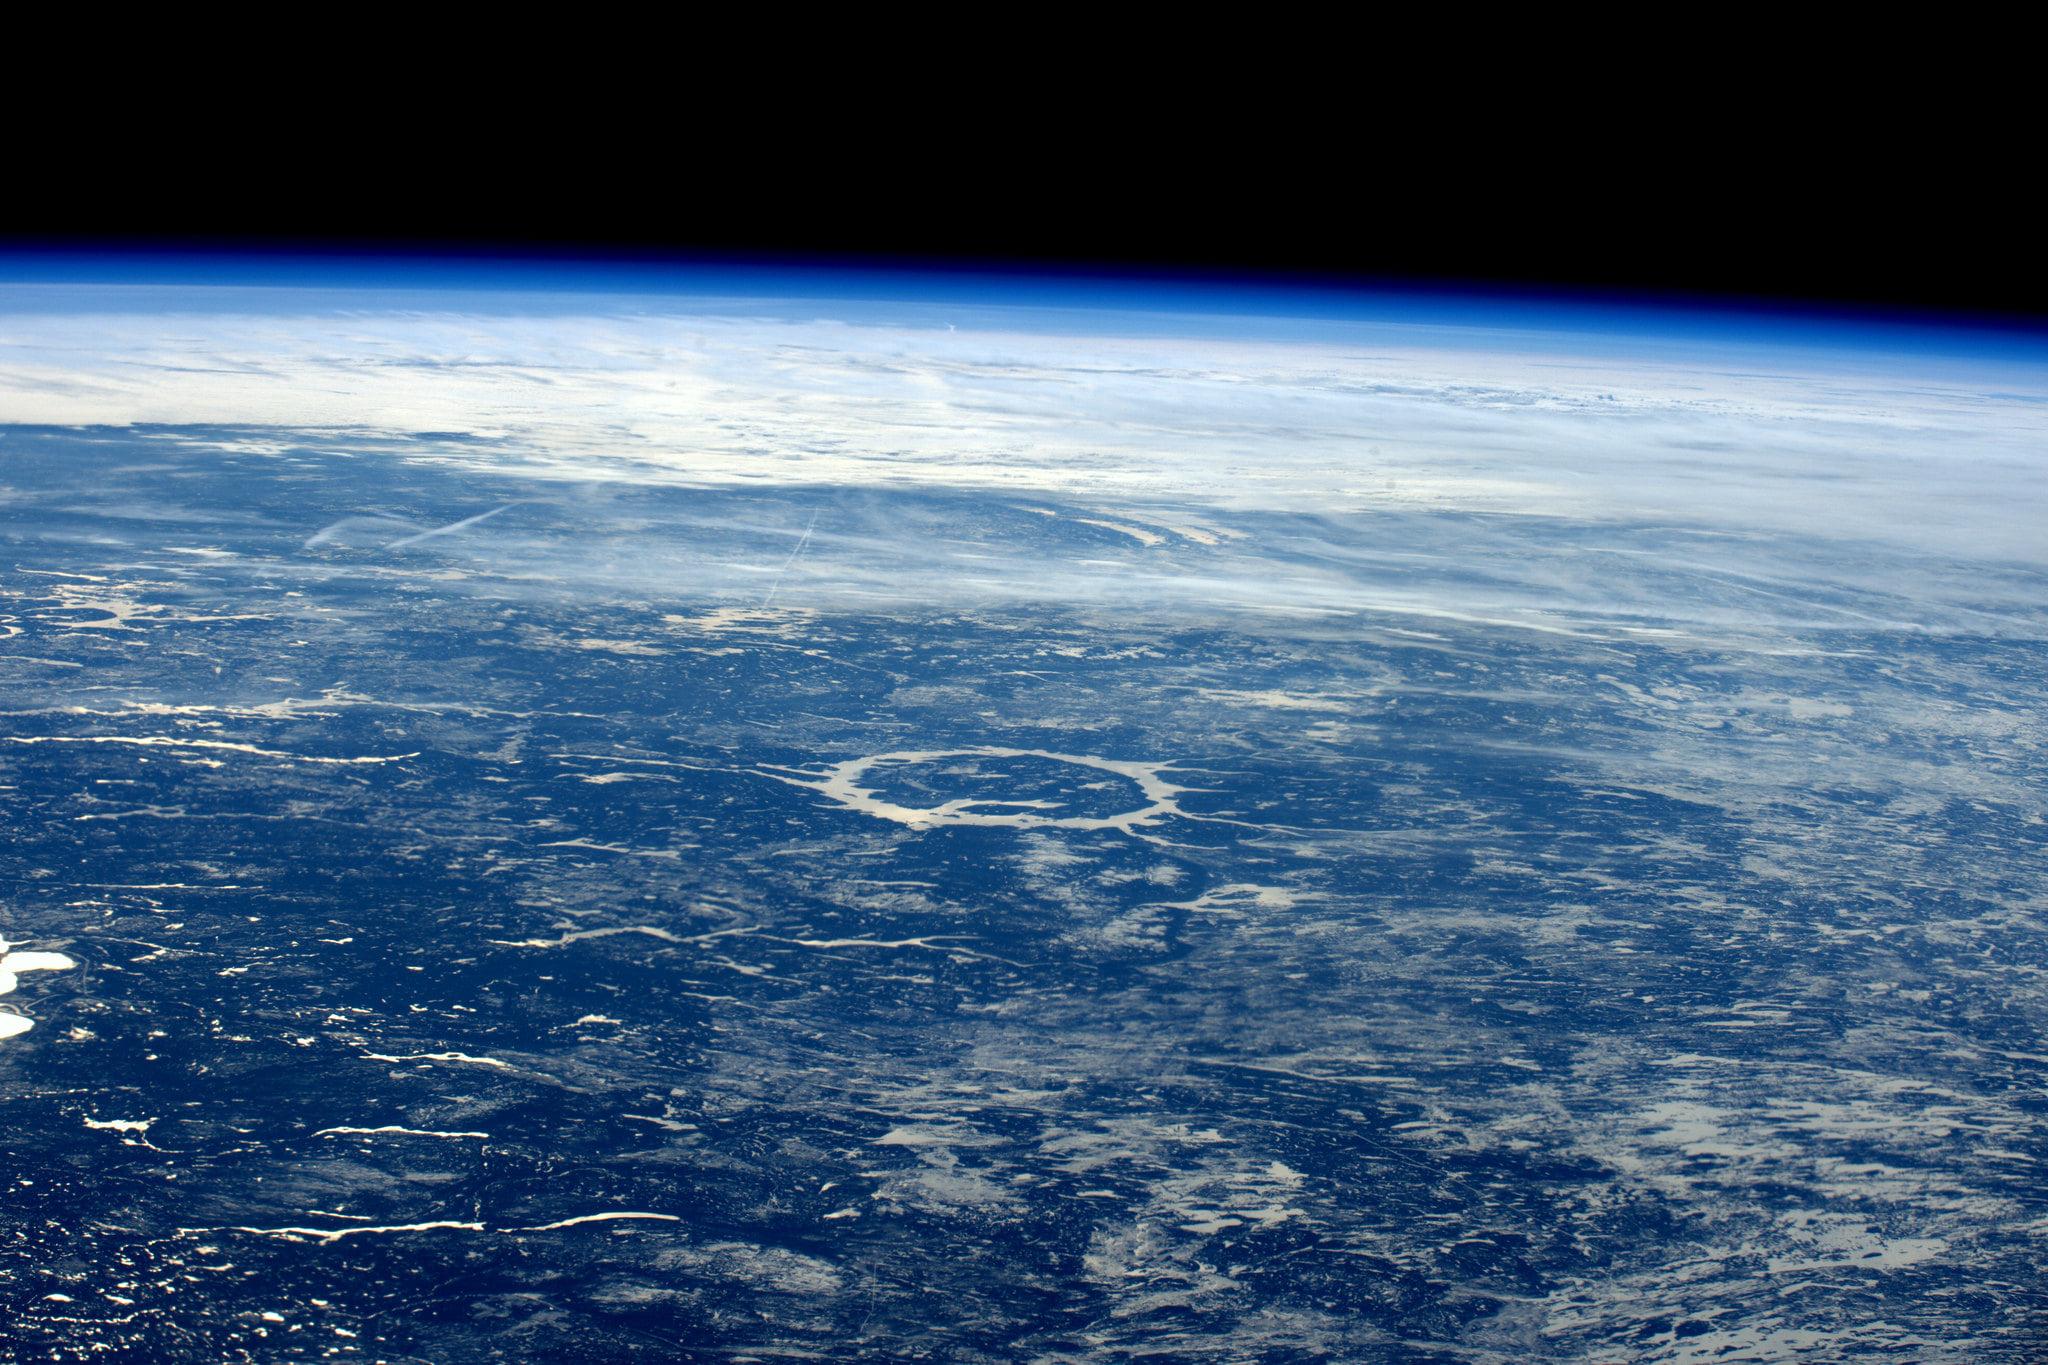 Zeci de mii de oameni s-au înscris într-o competiție pentru a merge în spațiu. Sunt și câteva sute de români